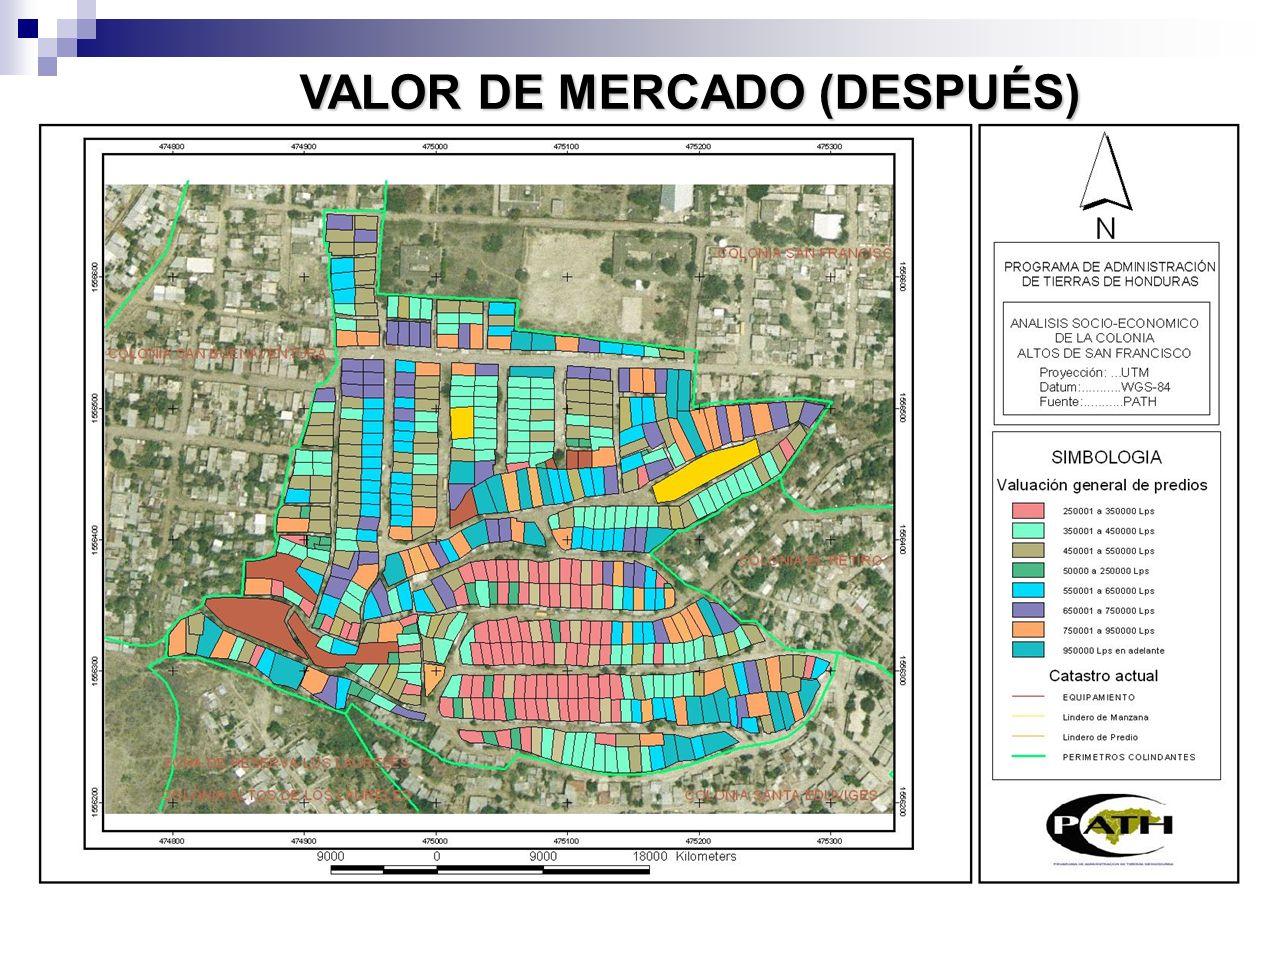 Área total expropiada17,988,124.30 mt2 Cantidad de predios60,157 Valor comercial total de las propiedades en Lempiras19,611,182,000.00 Lps.